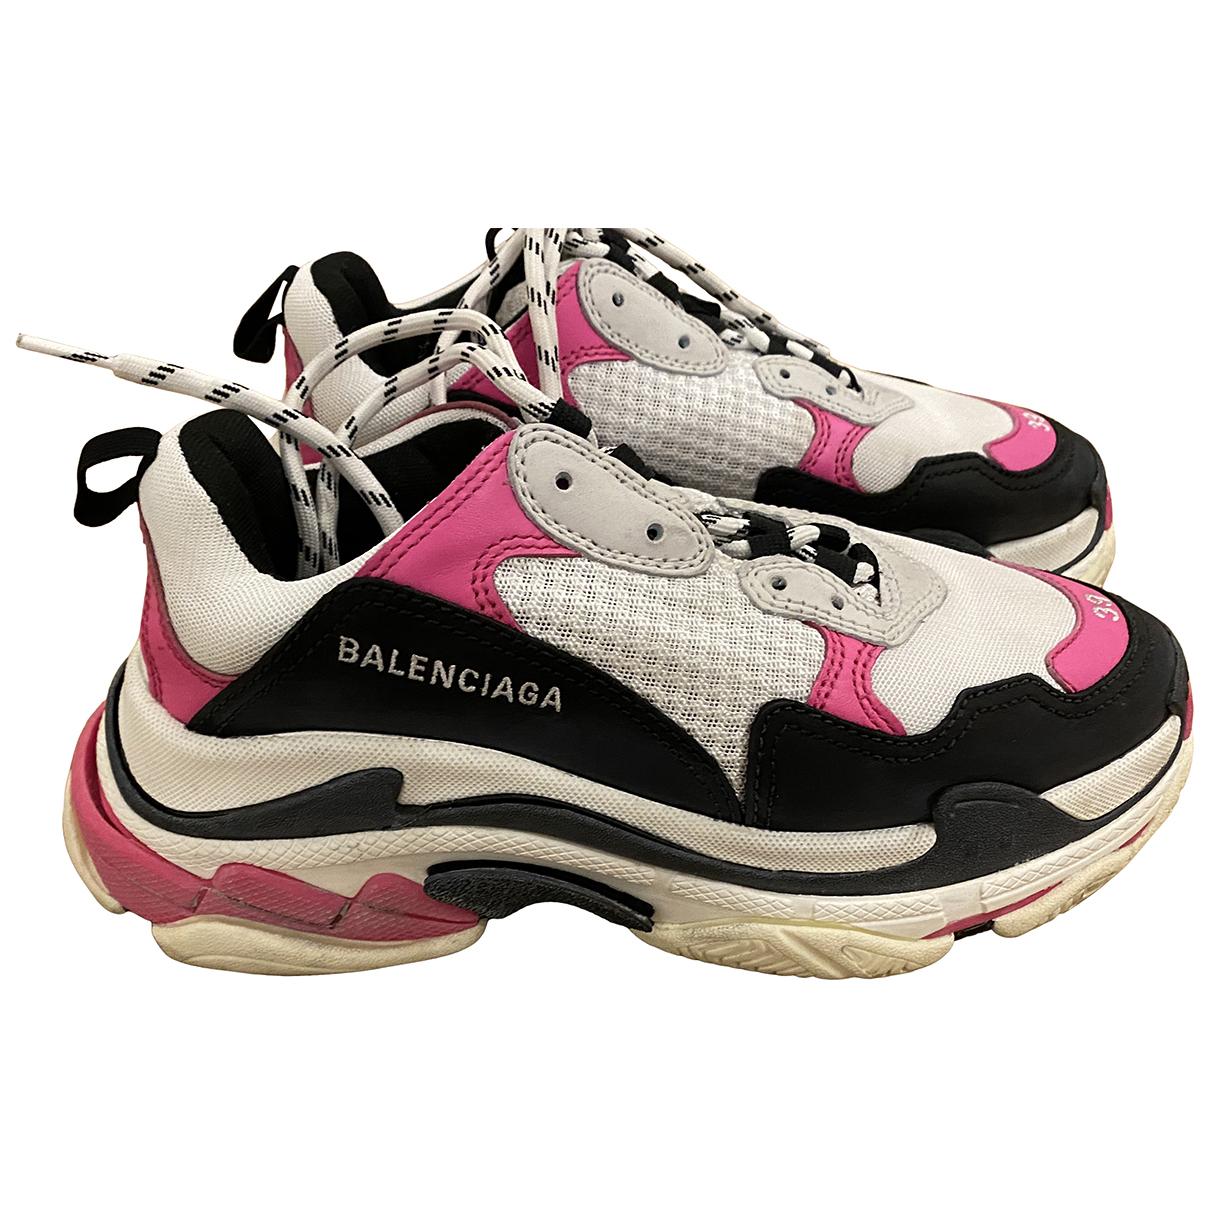 Balenciaga - Baskets Triple S pour femme en cuir - rose